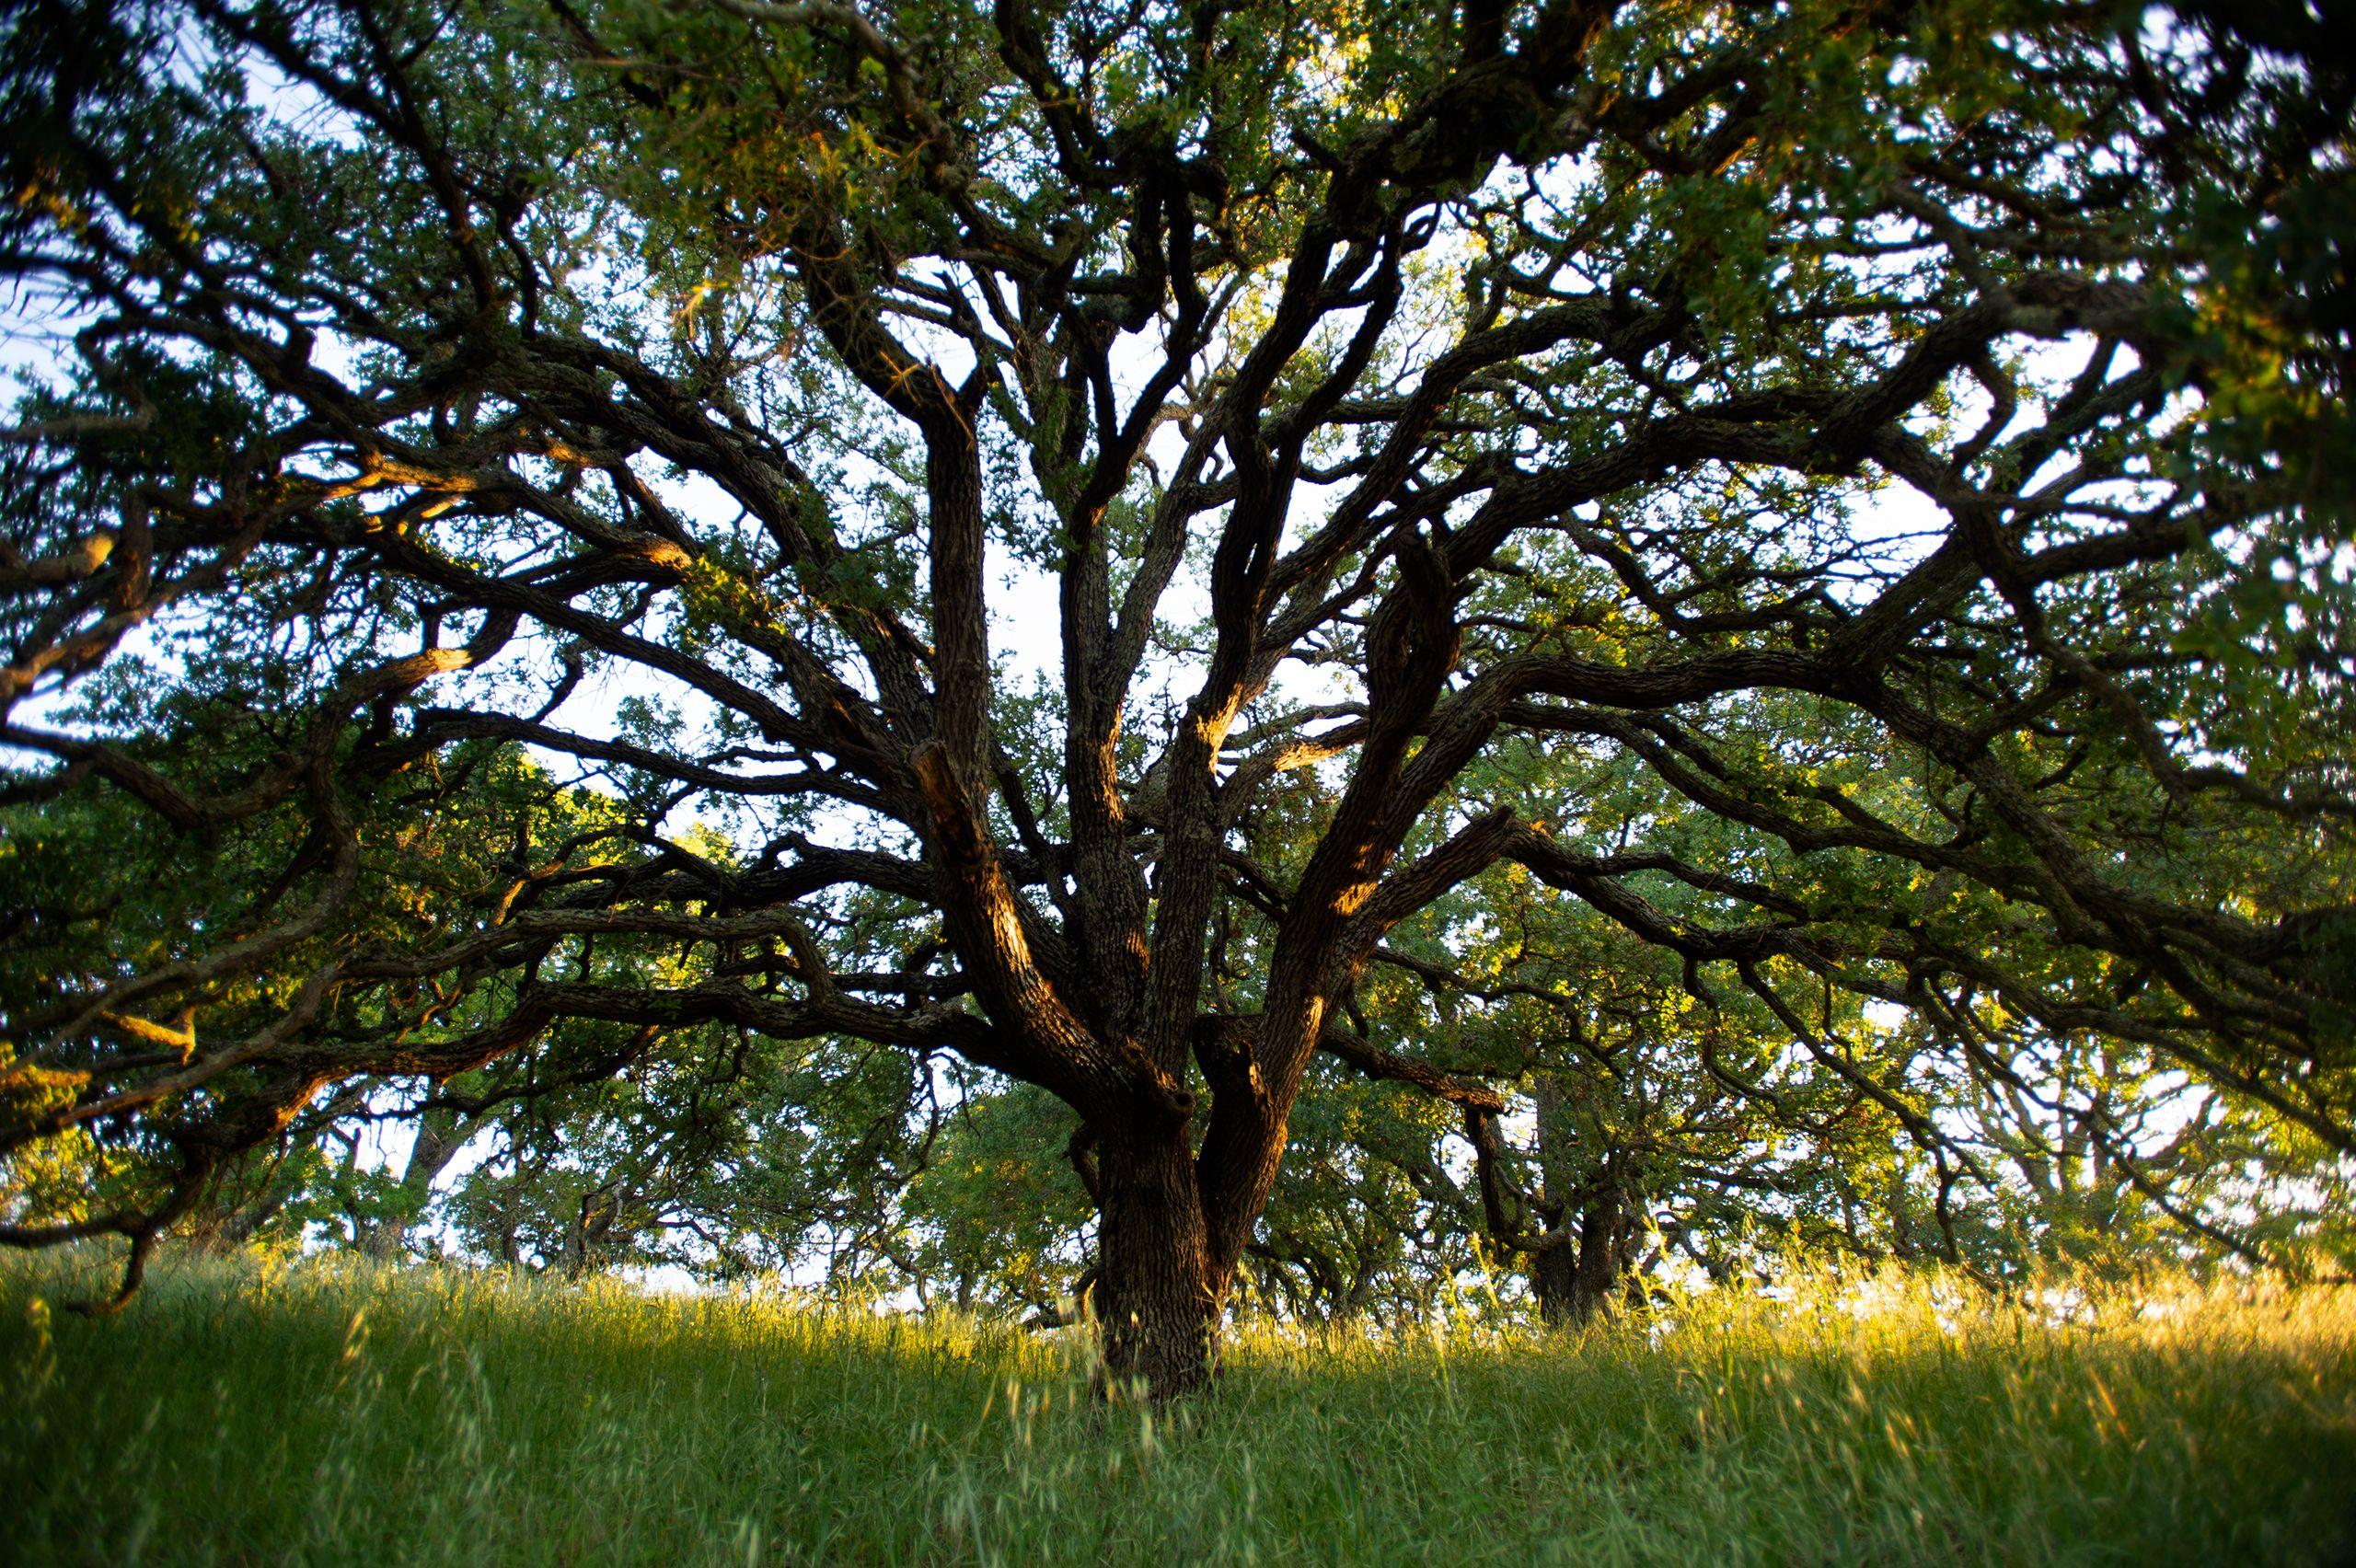 Oak Tree on Mount Wanda